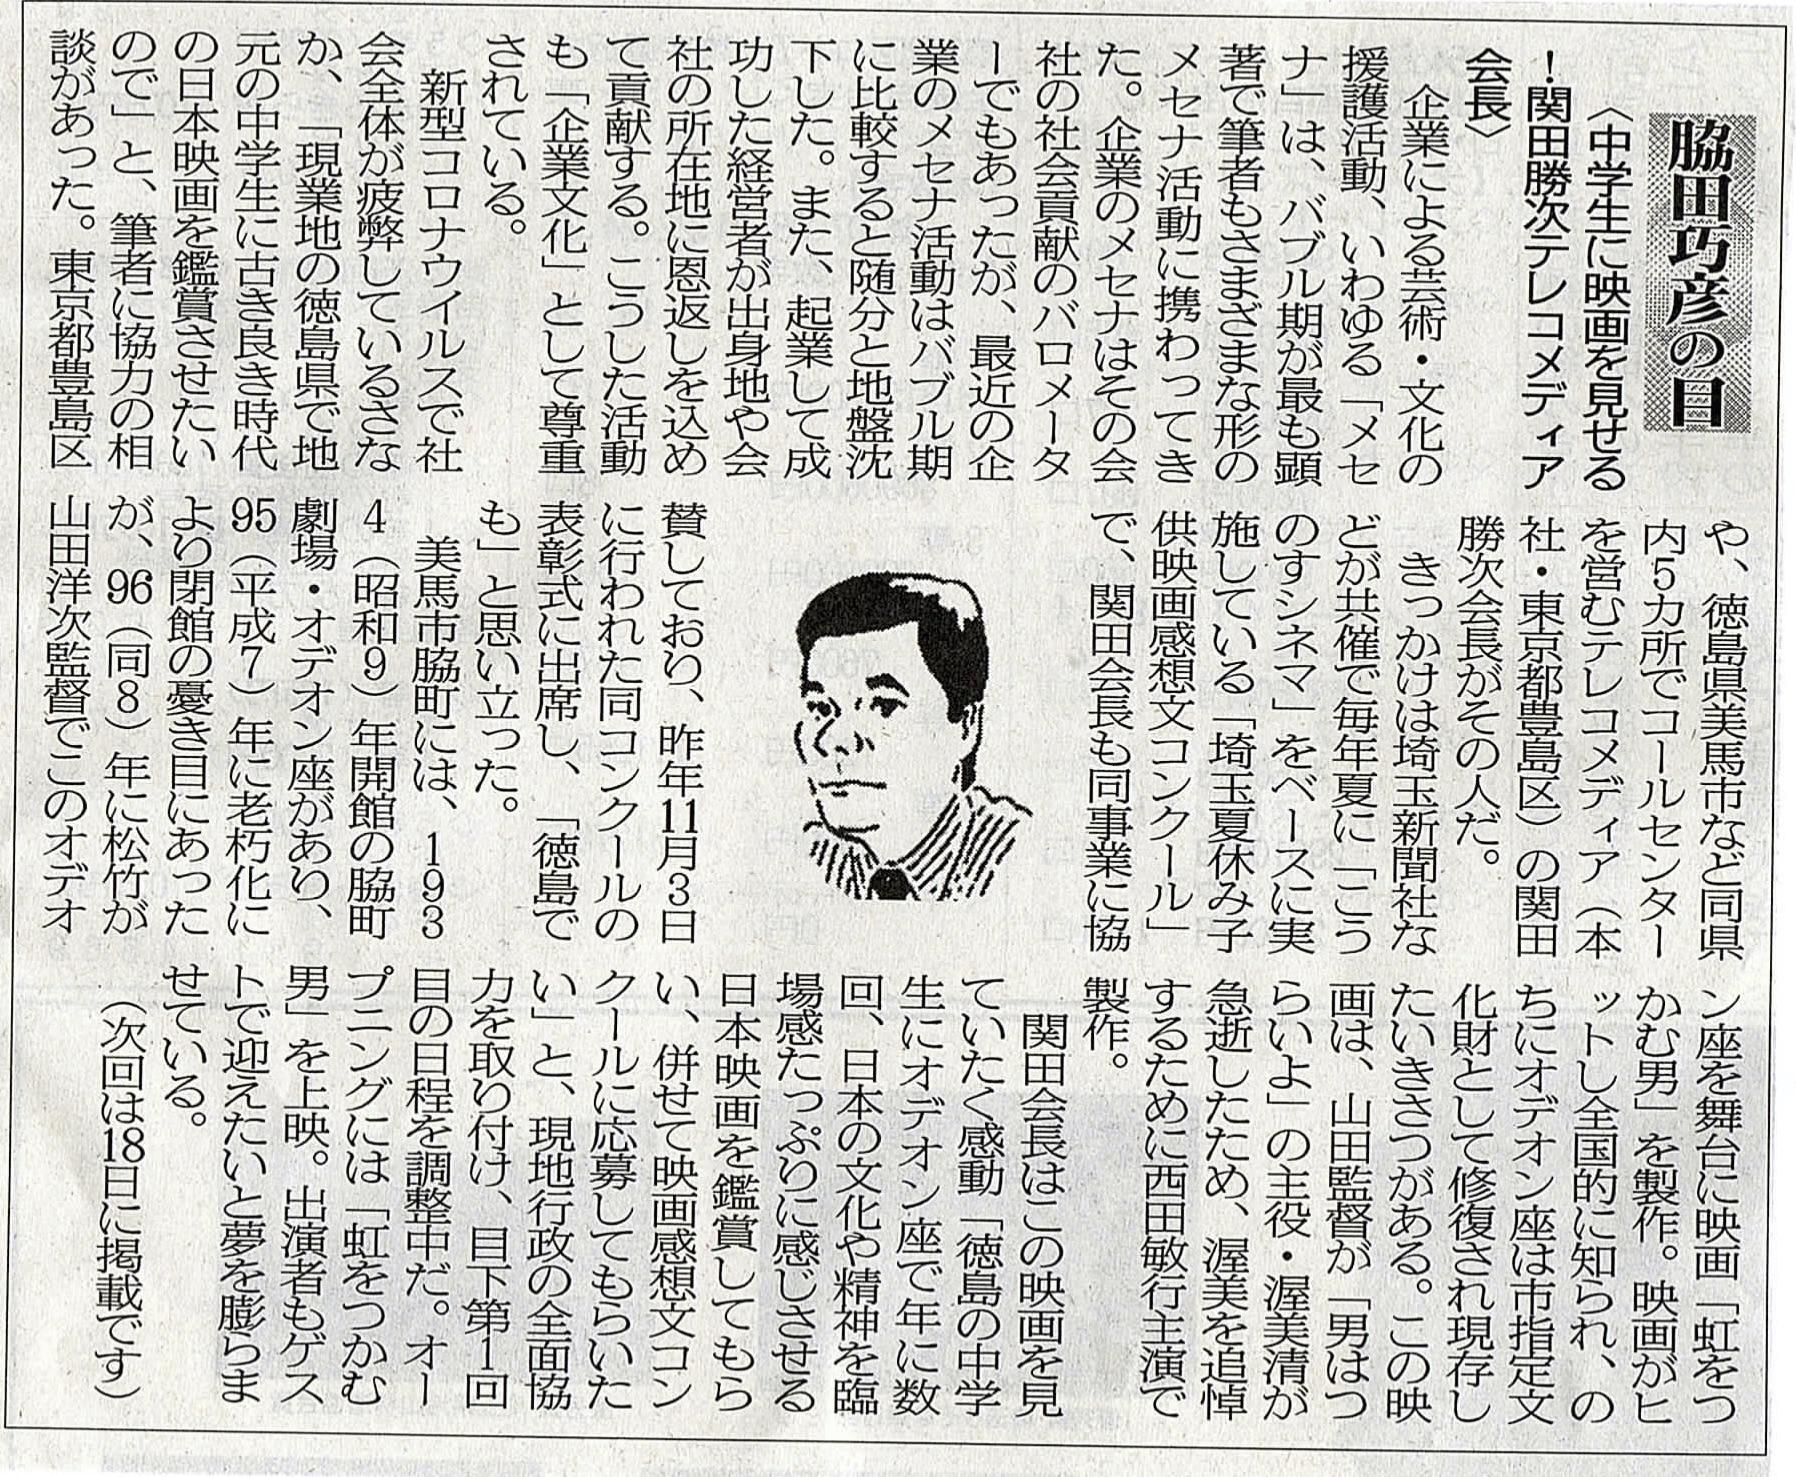 2020年4月4日 中学生に映画を見せる!関田勝次テレコメディア会長